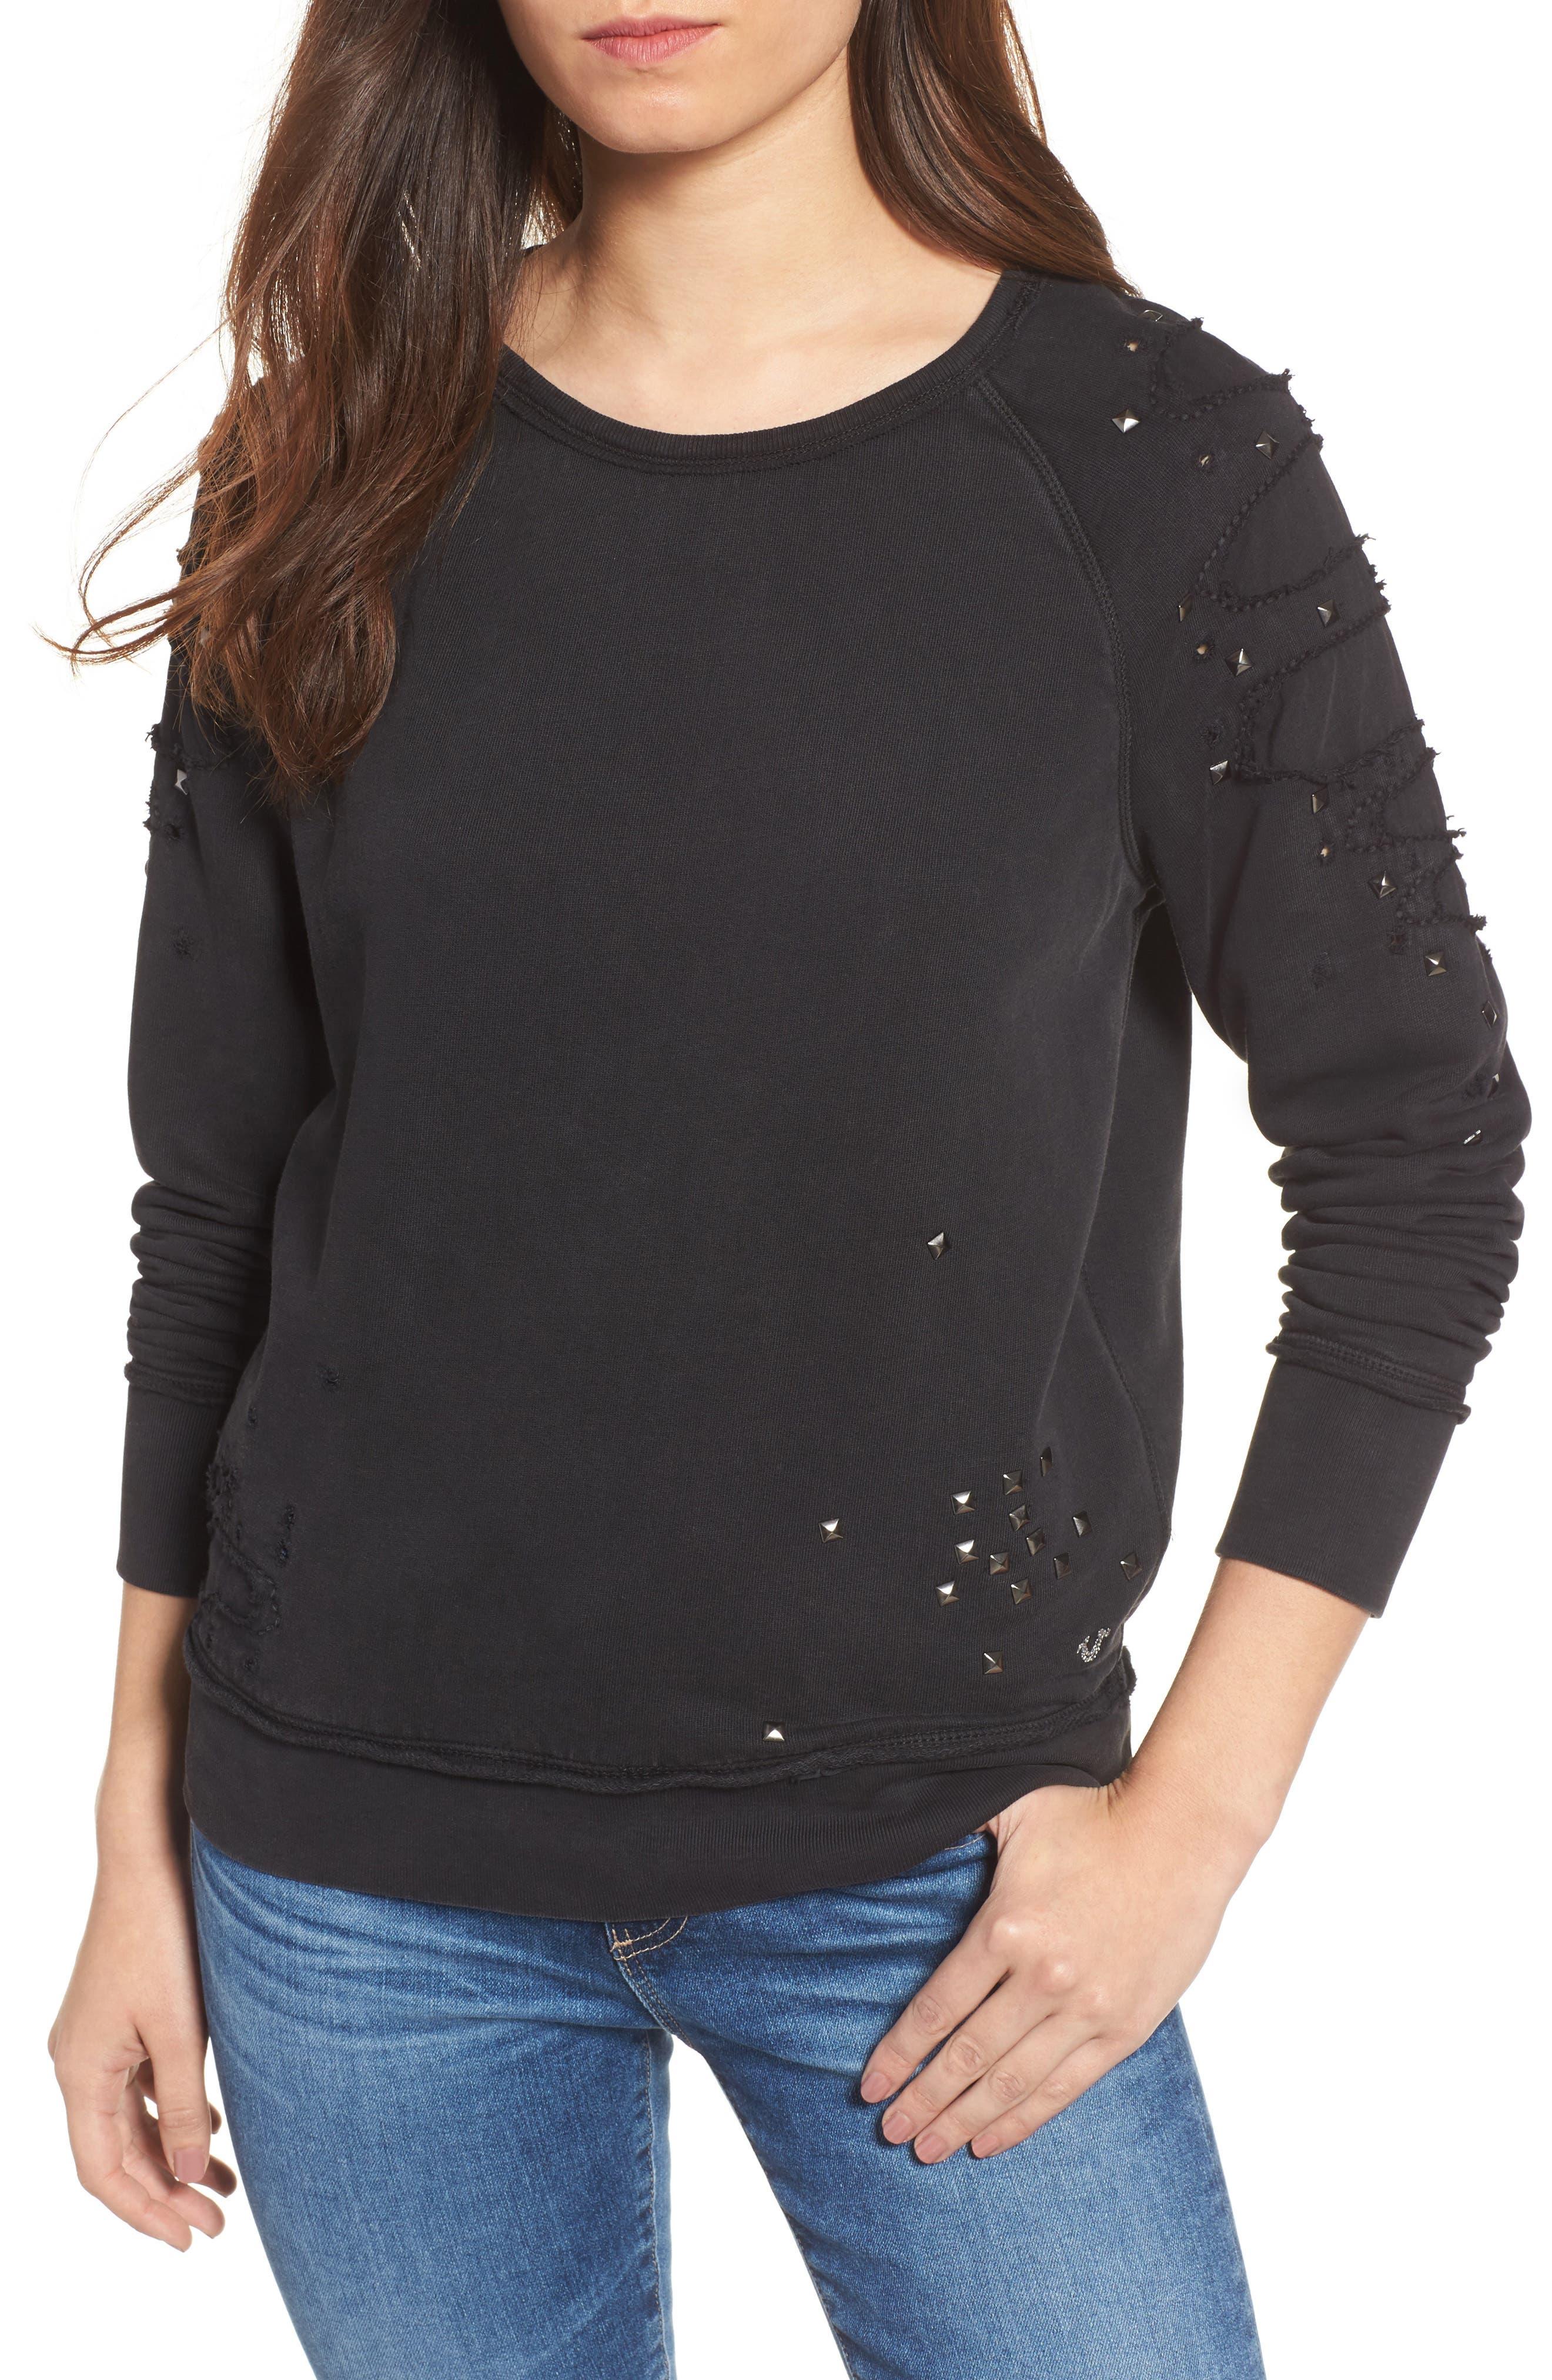 Main Image - True Religion Brand Jeans Distressed Boyfriend Sweatshirt